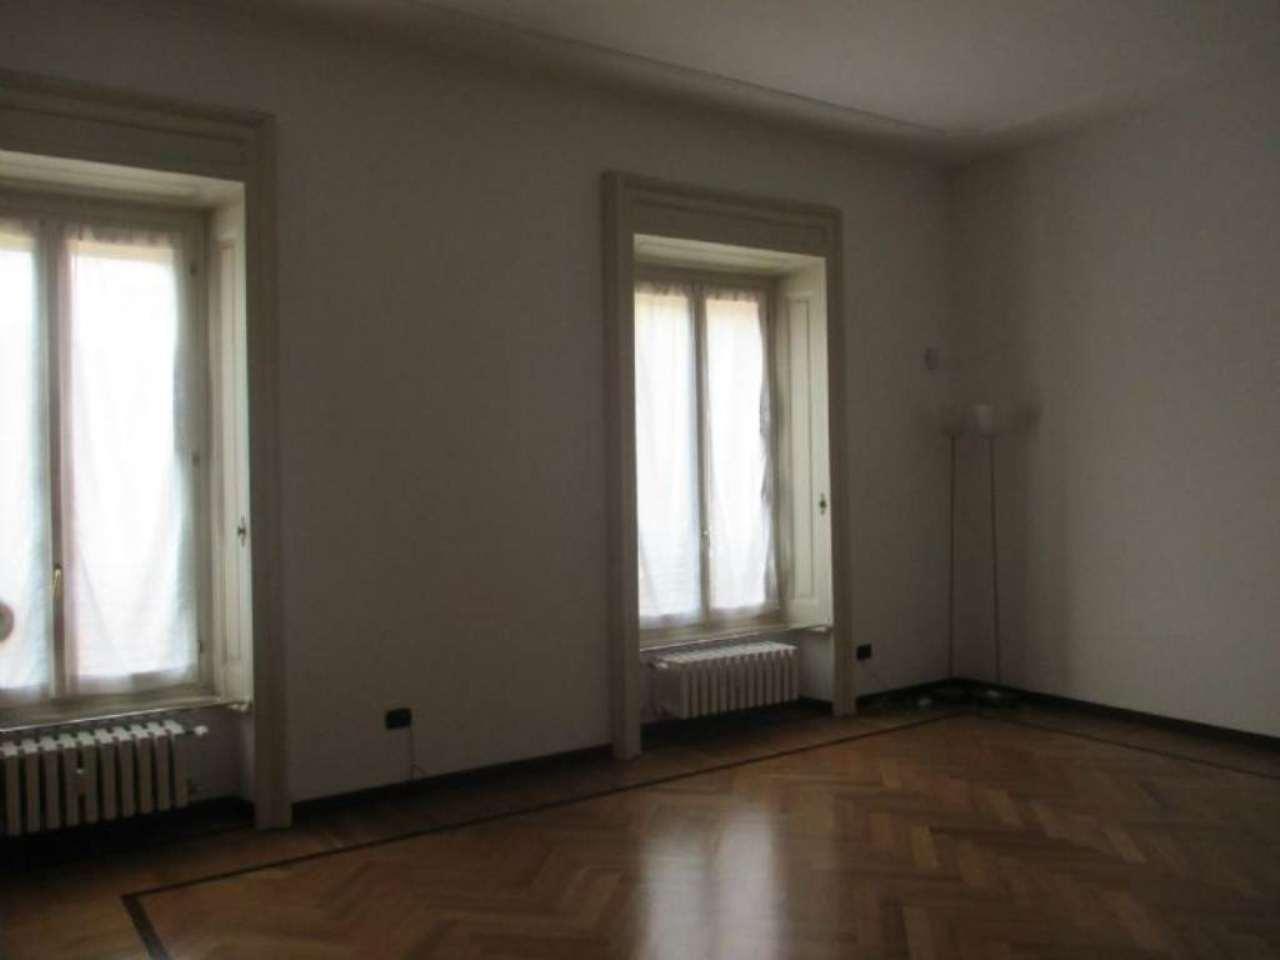 Appartamento in affitto a Milano, 3 locali, zona Zona: 1 . Centro Storico, Duomo, Brera, Cadorna, Cattolica, prezzo € 2.300 | Cambio Casa.it